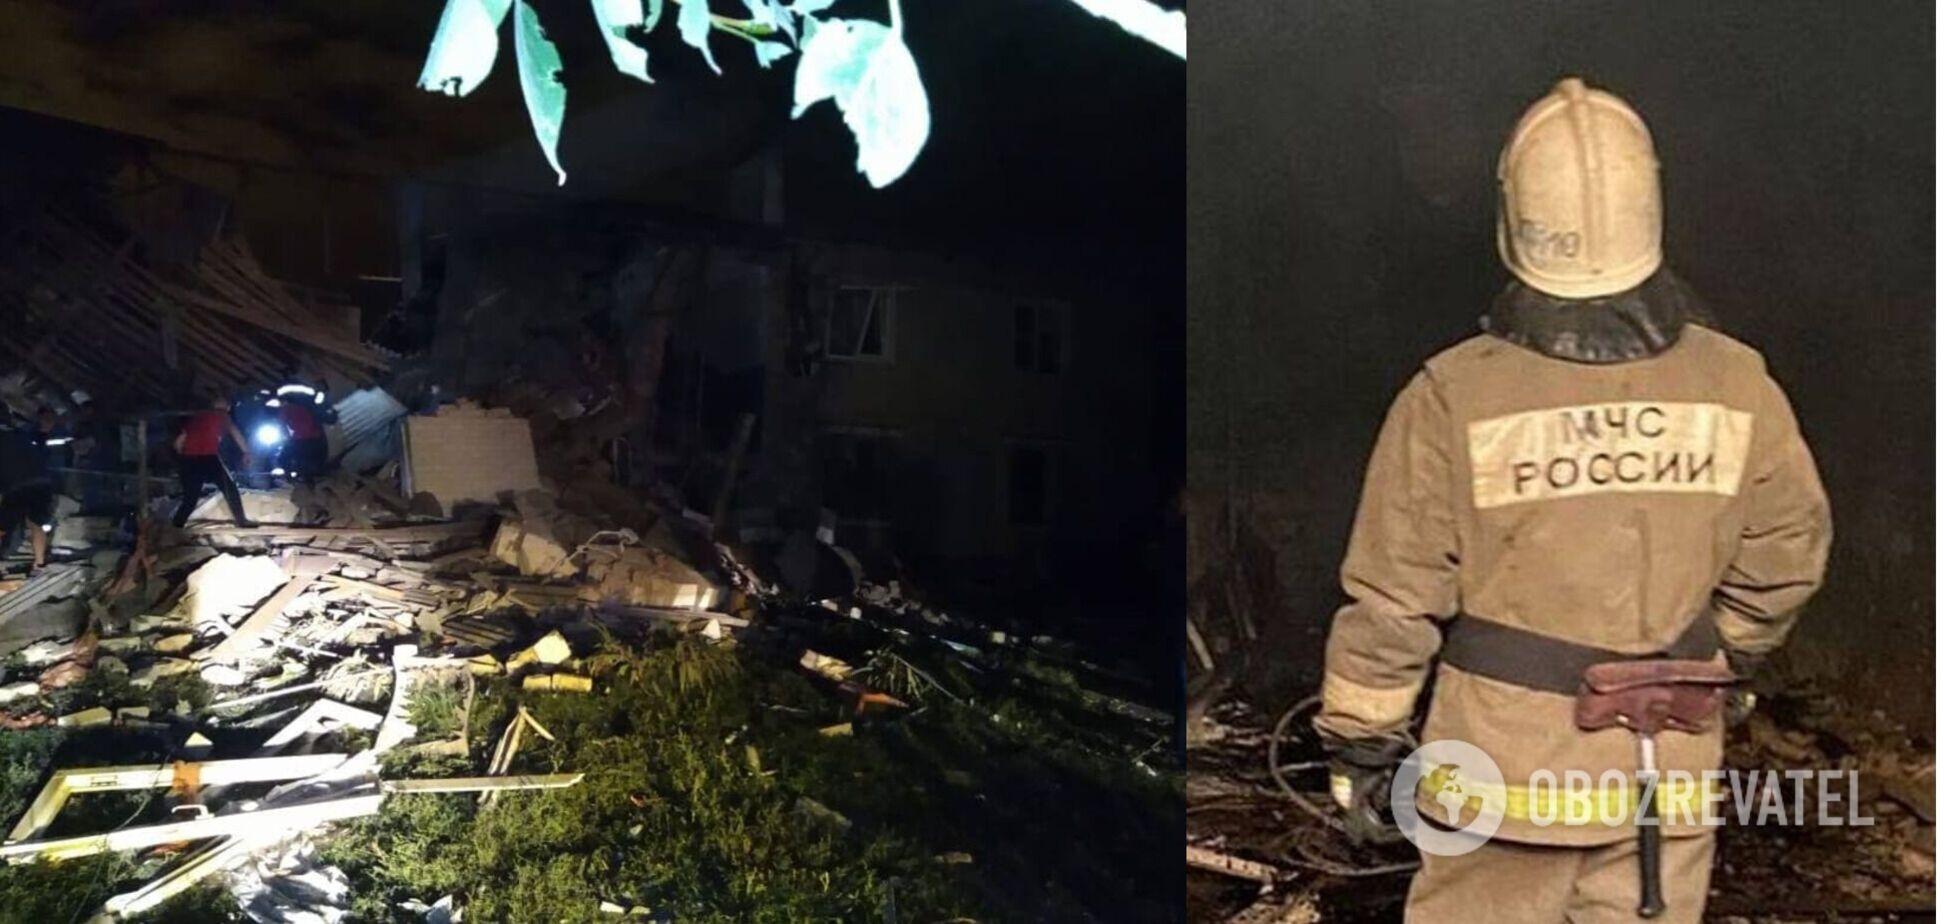 В России в жилом доме прогремел взрыв: среди погибших – ребенок. Фото и видео